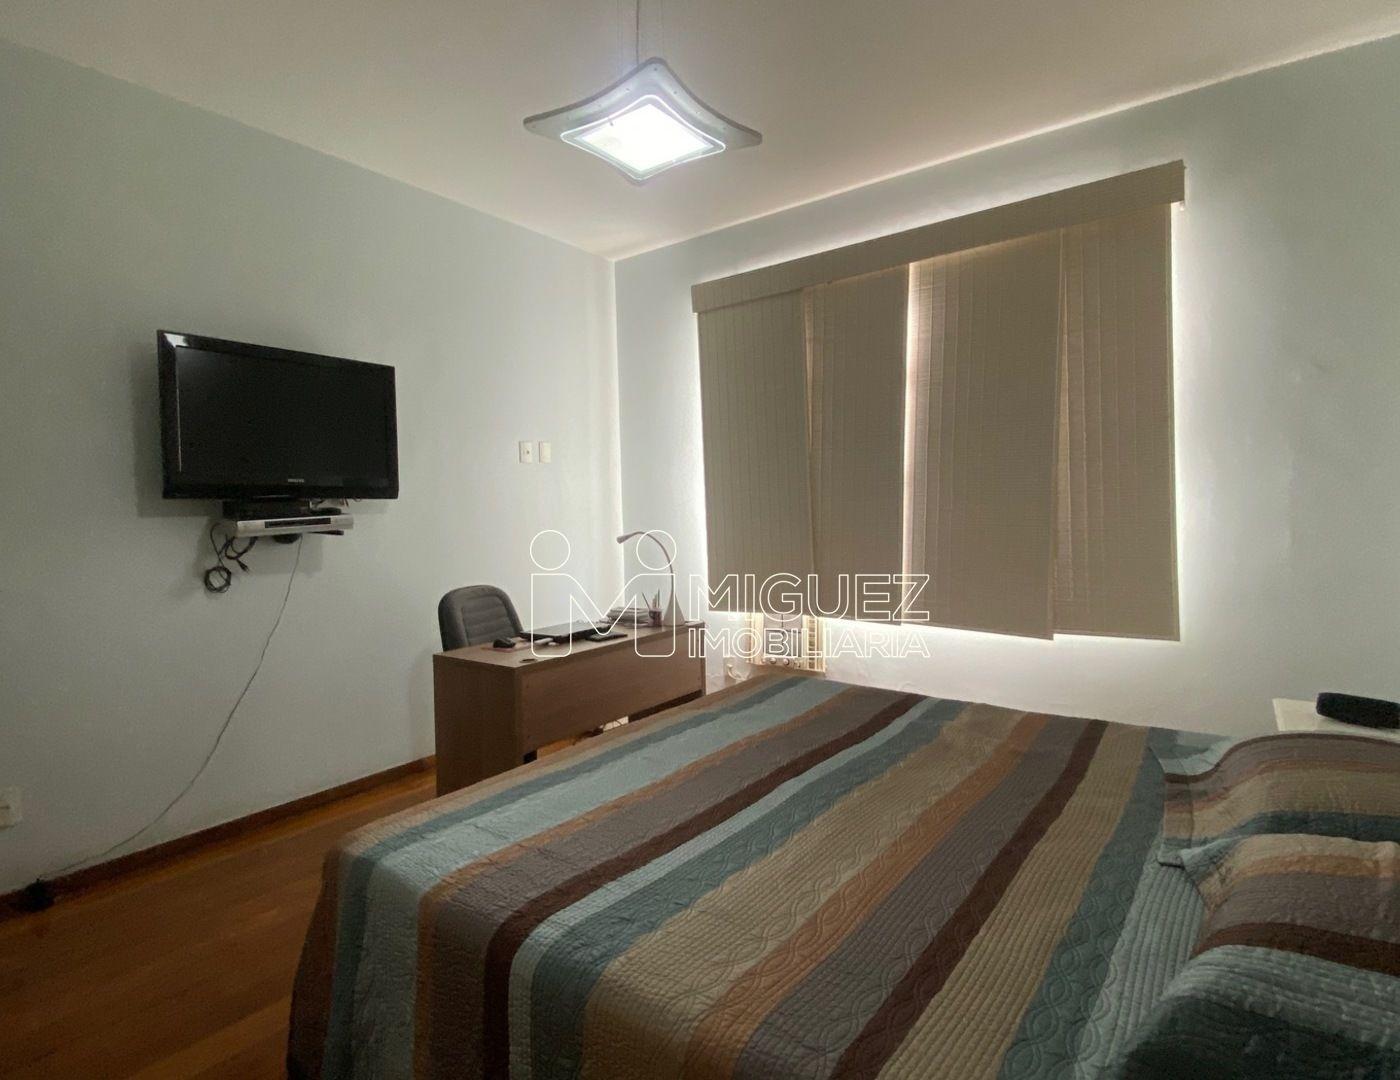 Apartamento, venda, Rua Marquês de Valença - Tijuca , Rio de janeiro